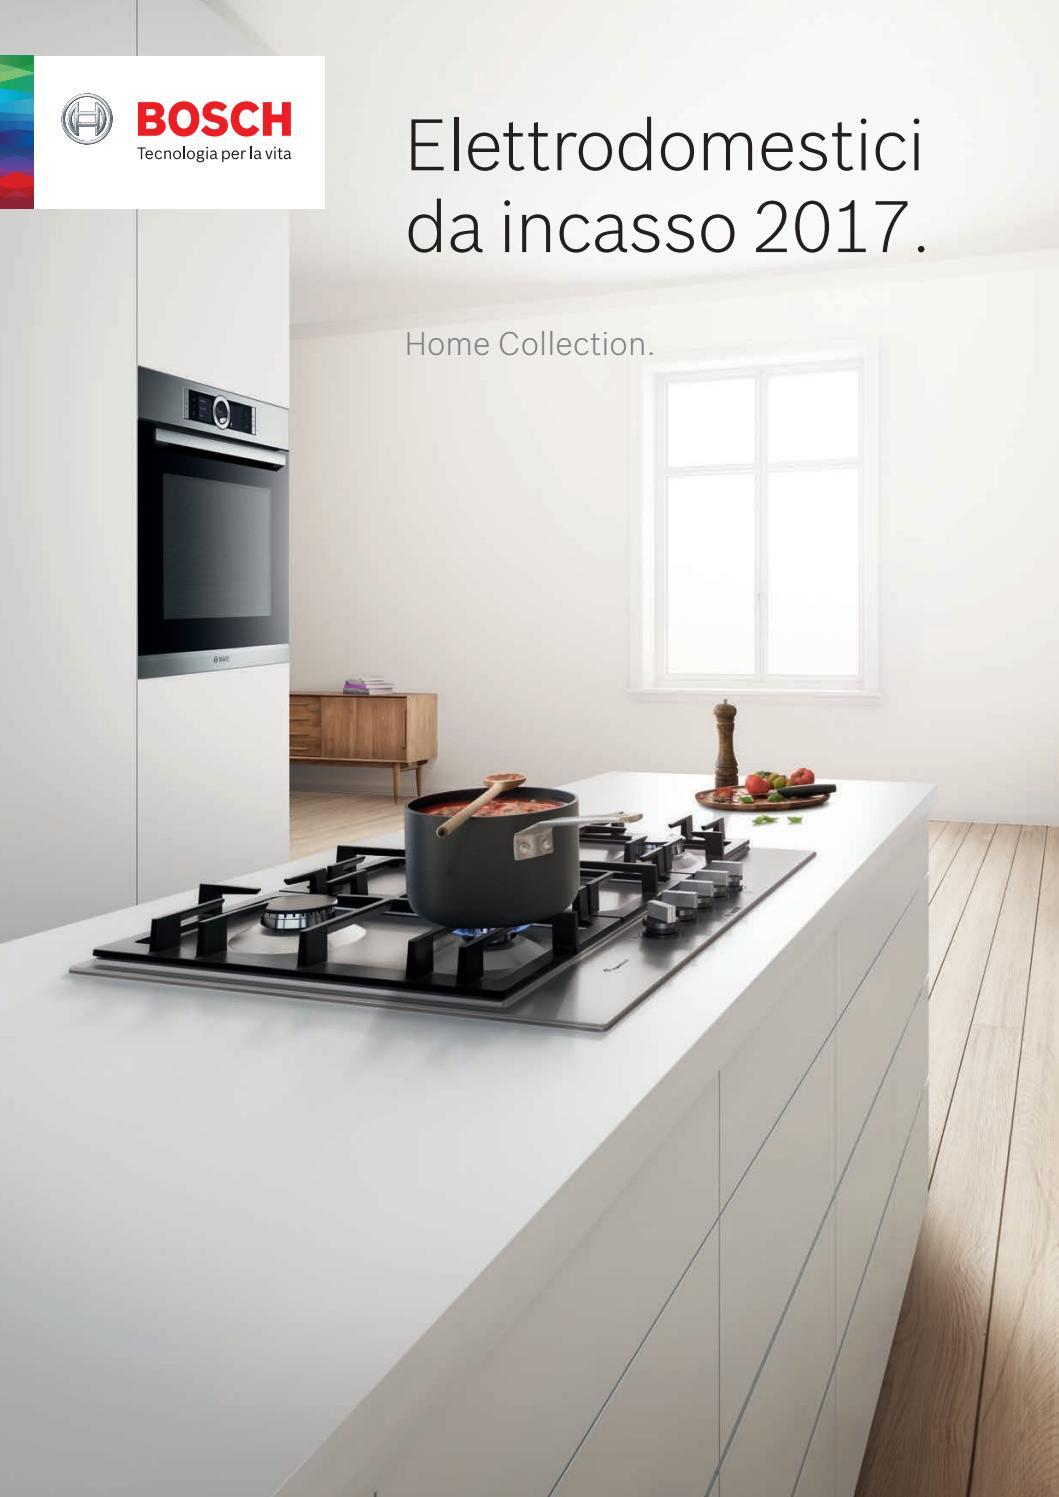 PLASTICA PORTA MANIGLIA ADATTA PER BOSCH WAE Series lavatrice lavatrice con asciugatrice BIANCO